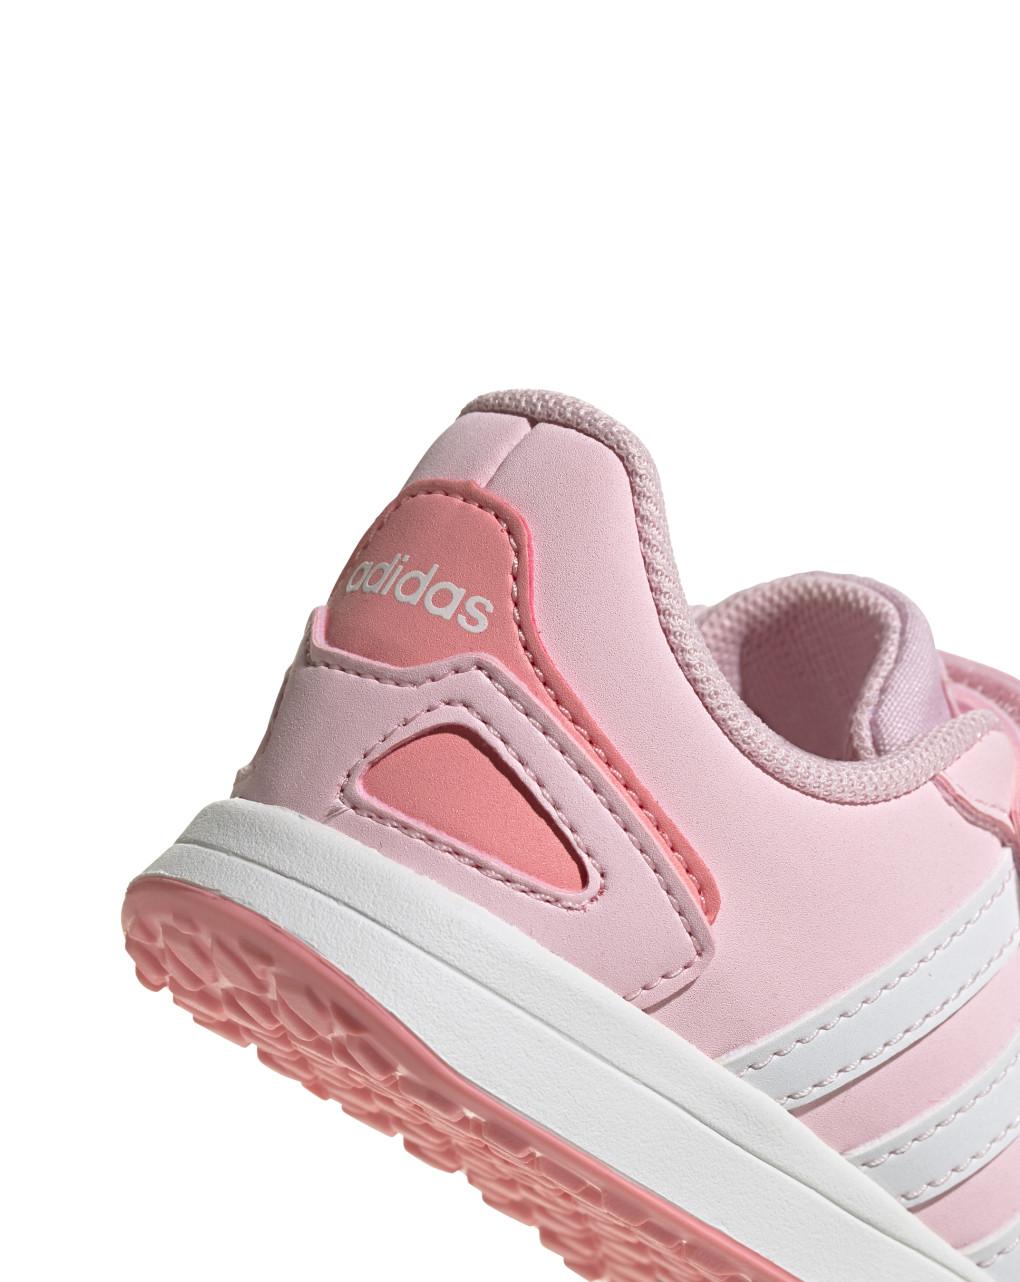 Vl court 2.0 cmf i - Adidas, Nike